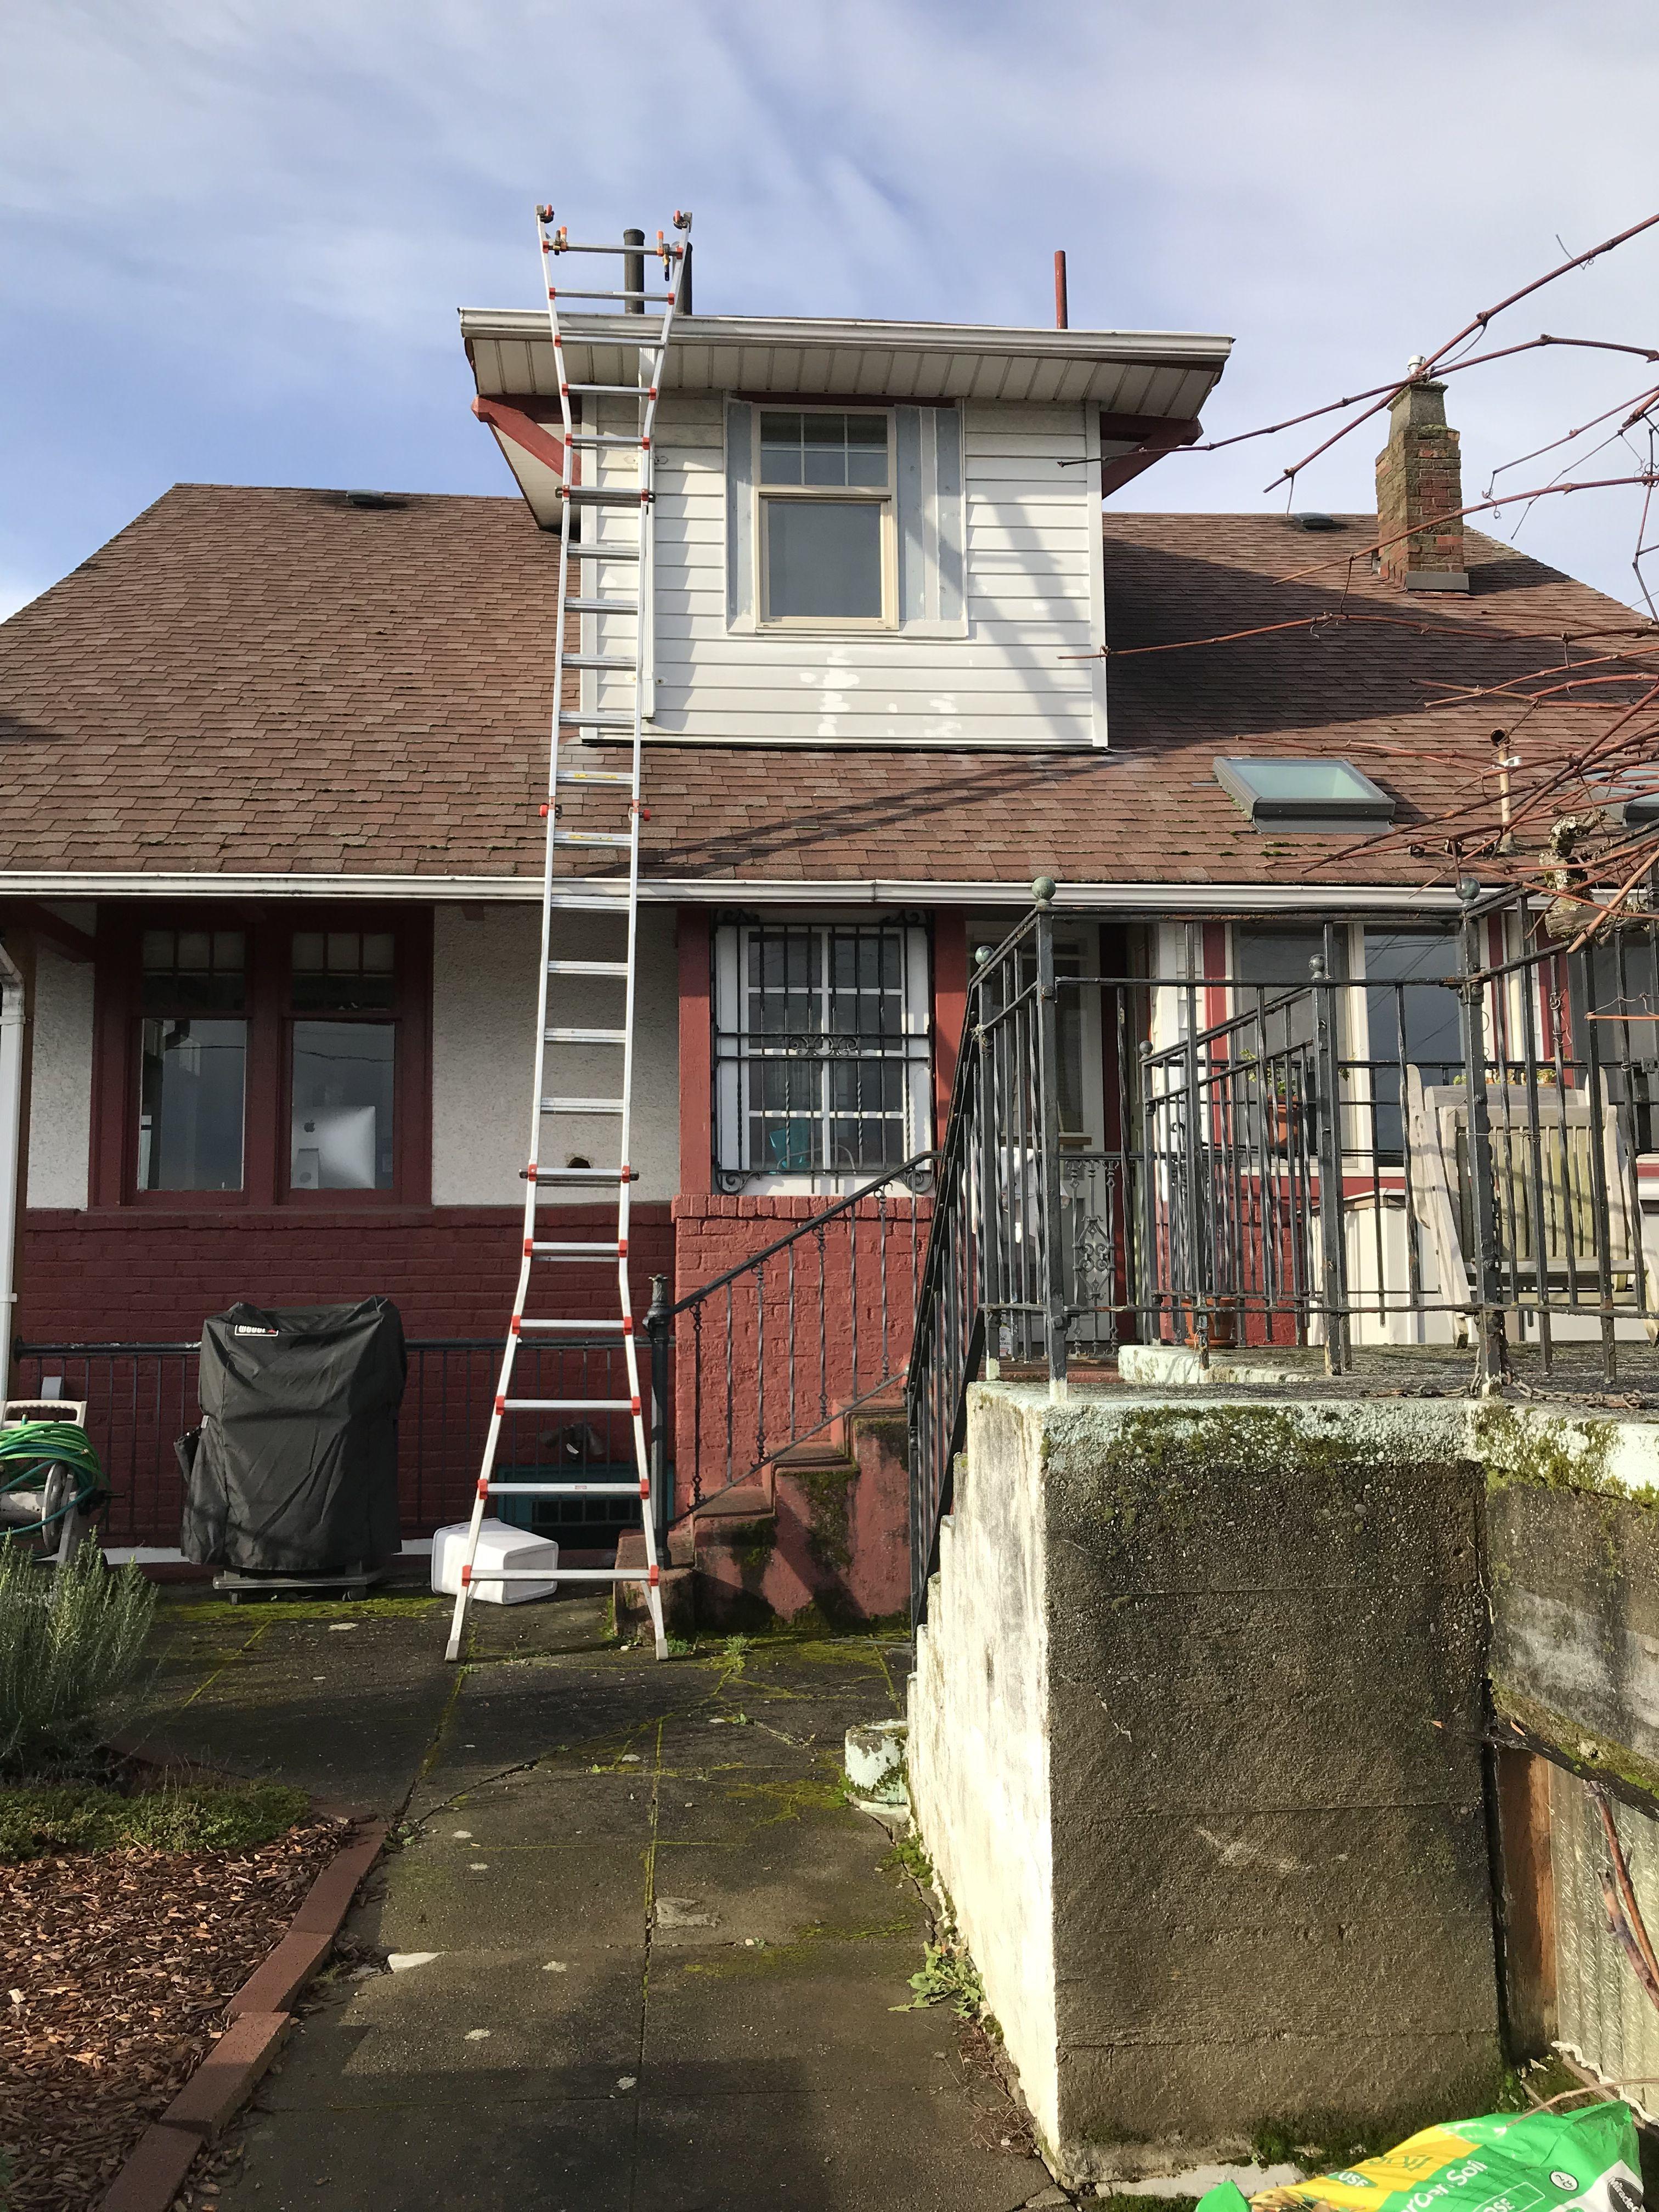 Idea By Bubble Truck Window Cleaning On Gutter Cleaning House Styles Cleaning Gutters House